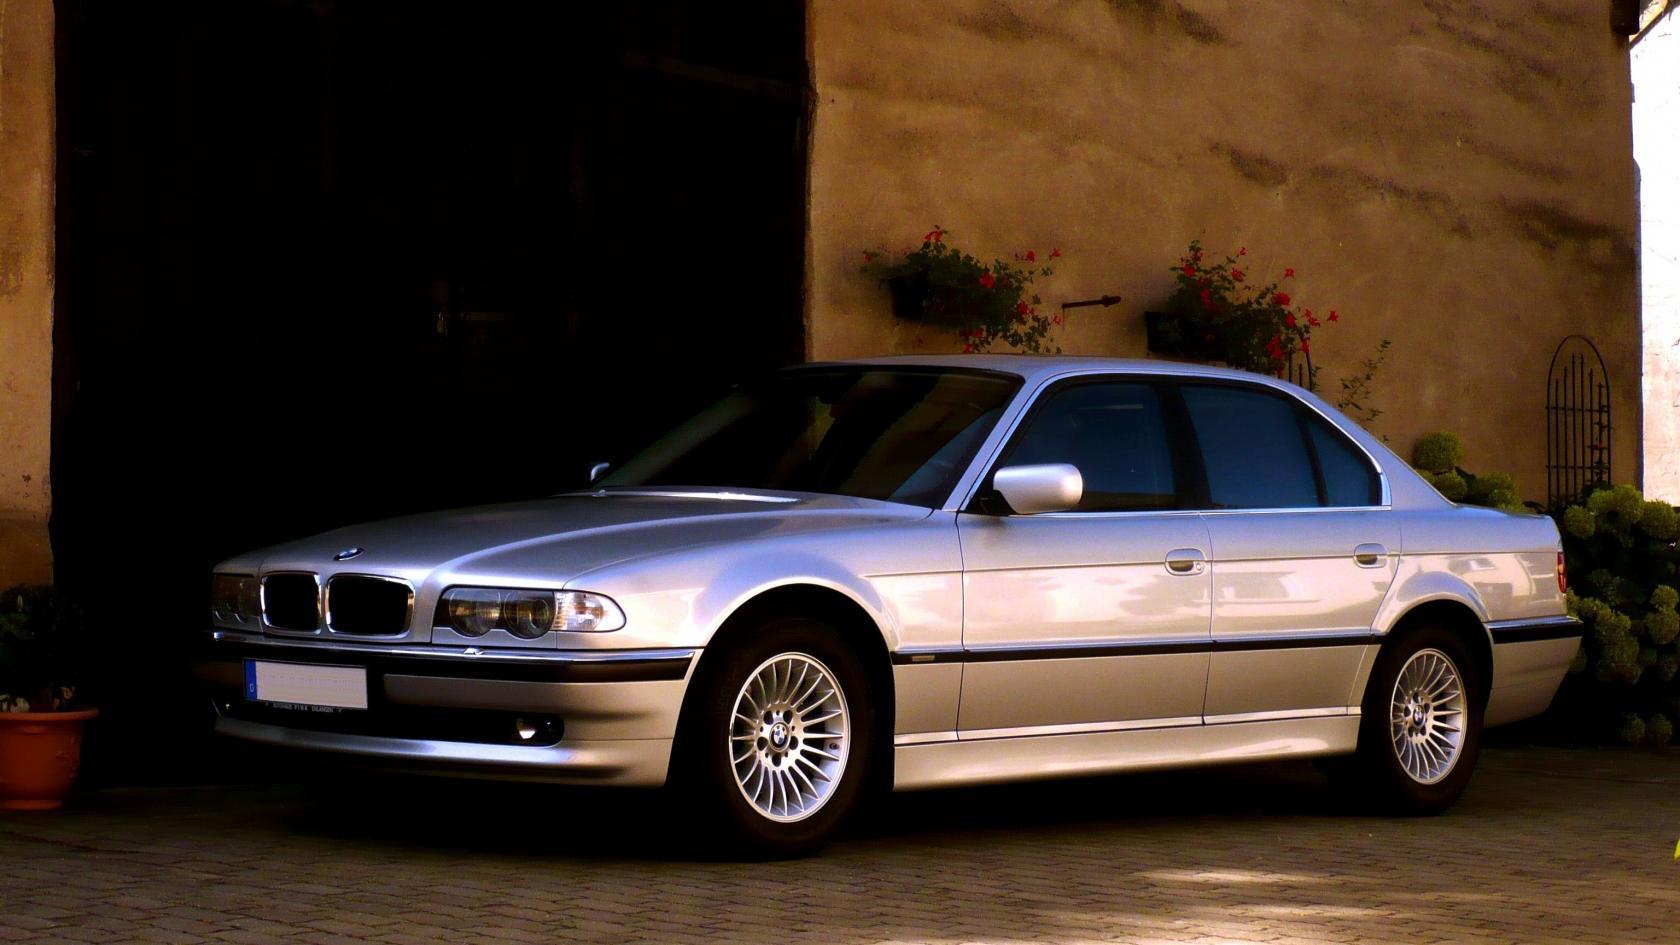 BMW-E38-9.jpeg